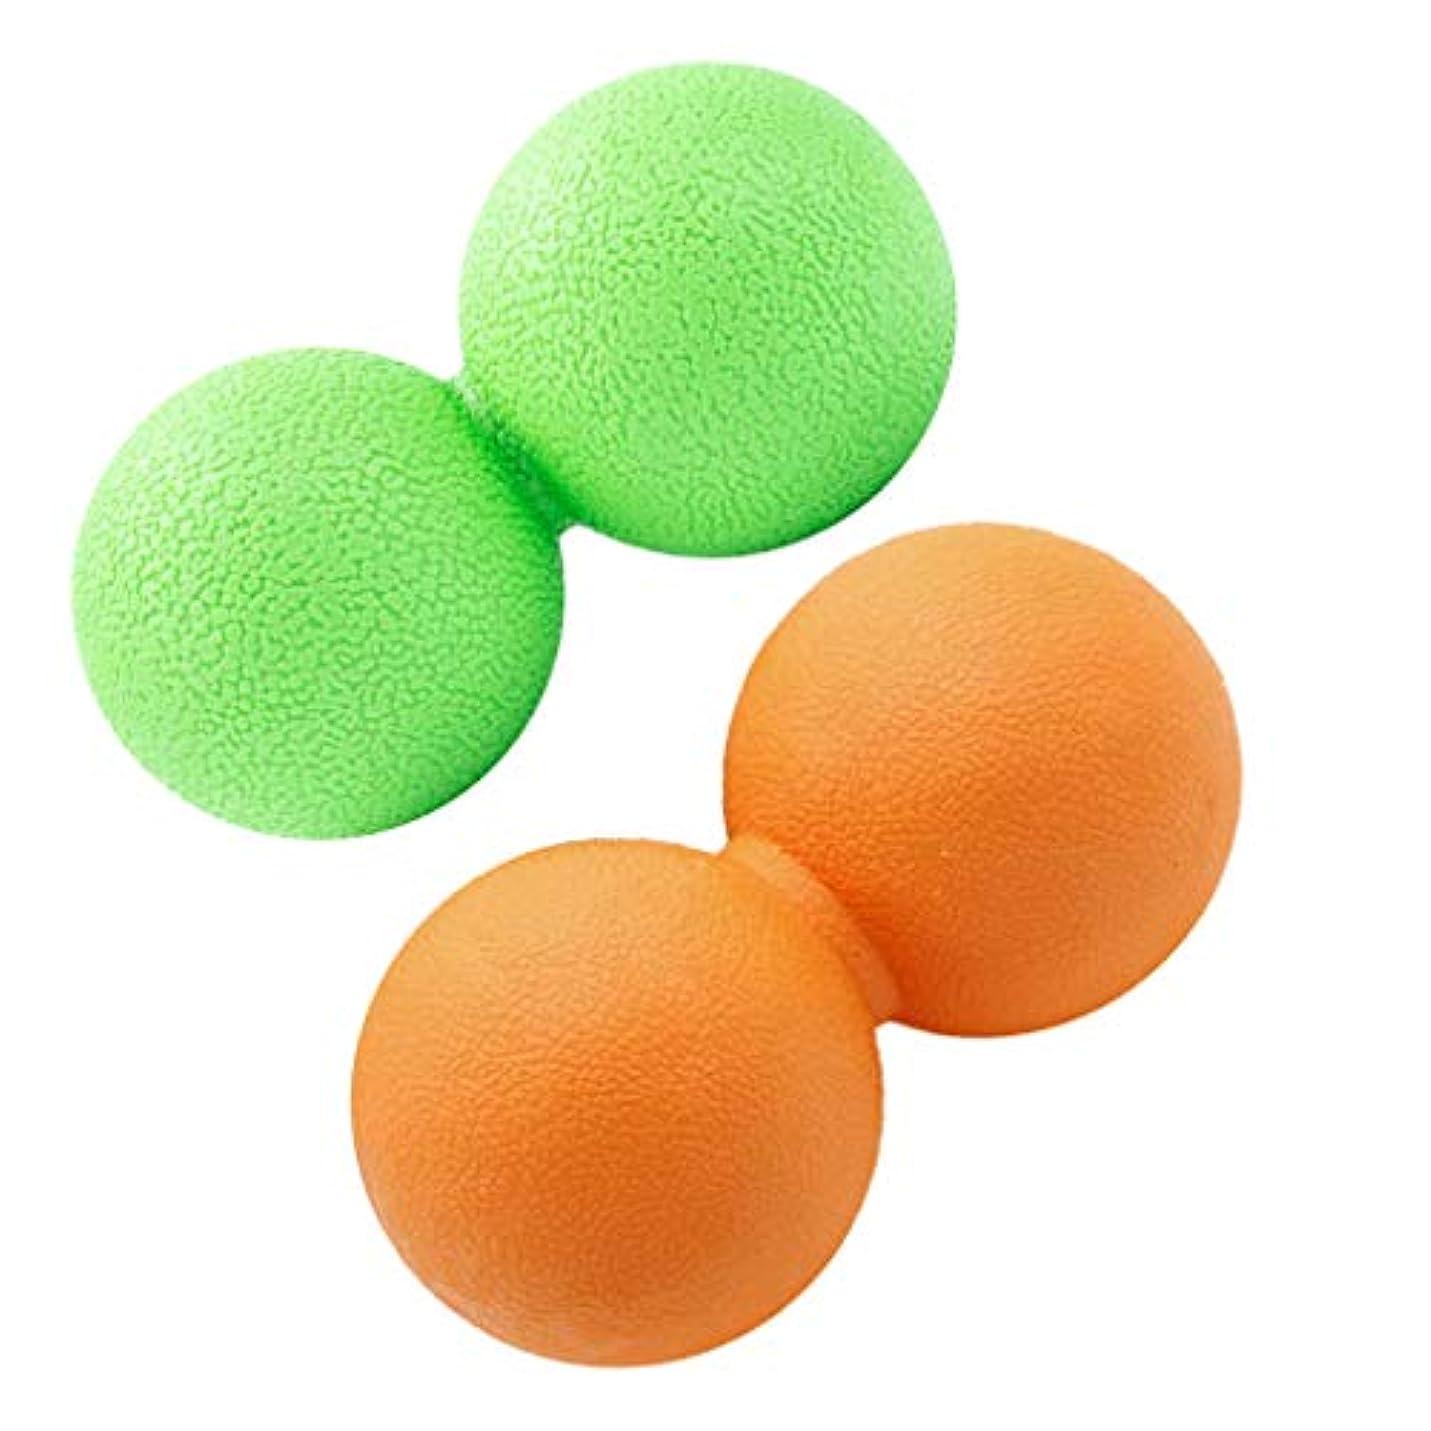 専門用語禁輸触覚マッサージボール ピーナッツ型 筋膜リリース トリガーポイント 健康器具 持ち運び 2個入